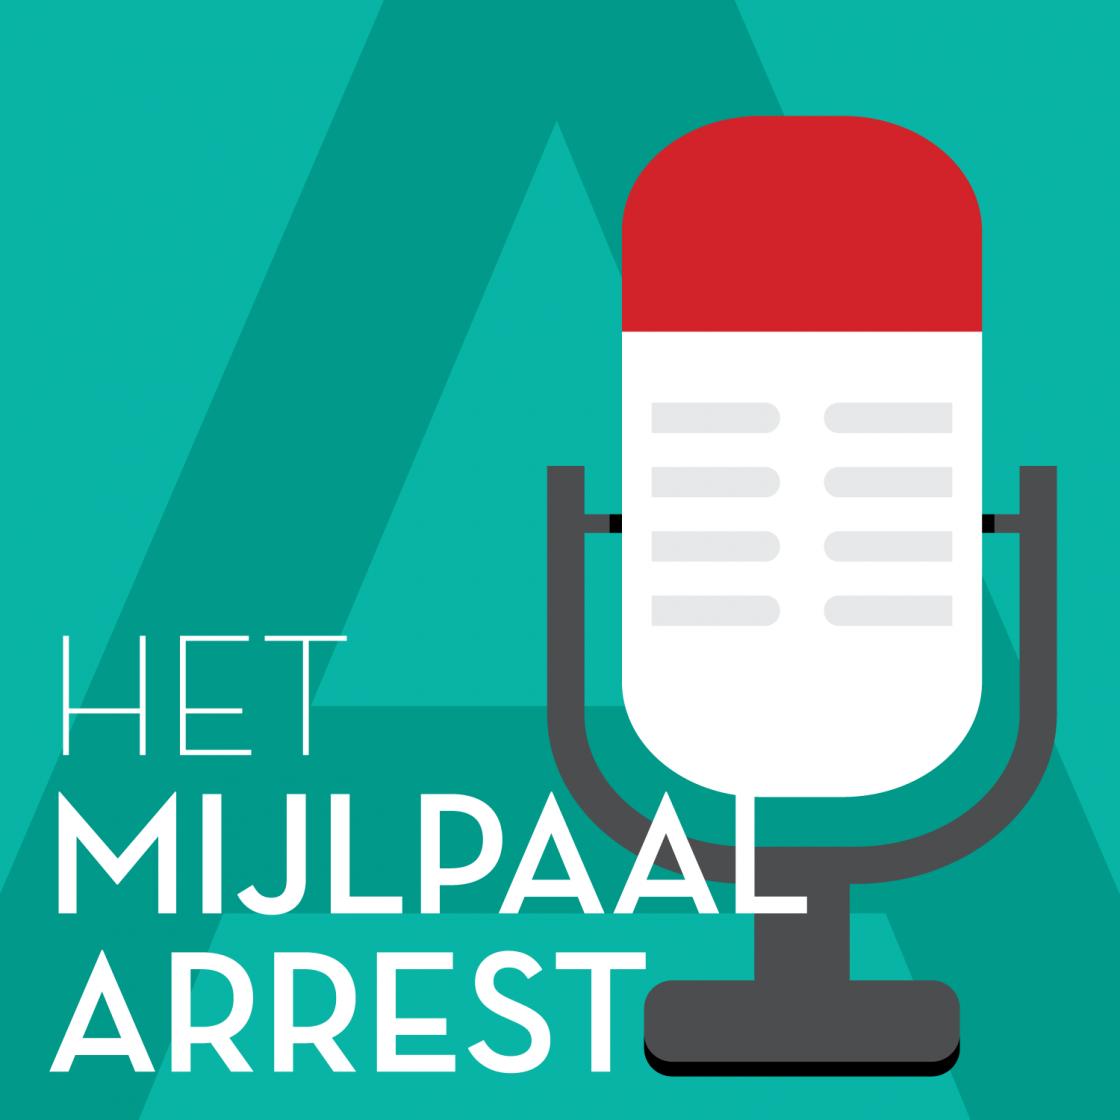 Logo_podcast_mijlpaalarrest_1500x1500